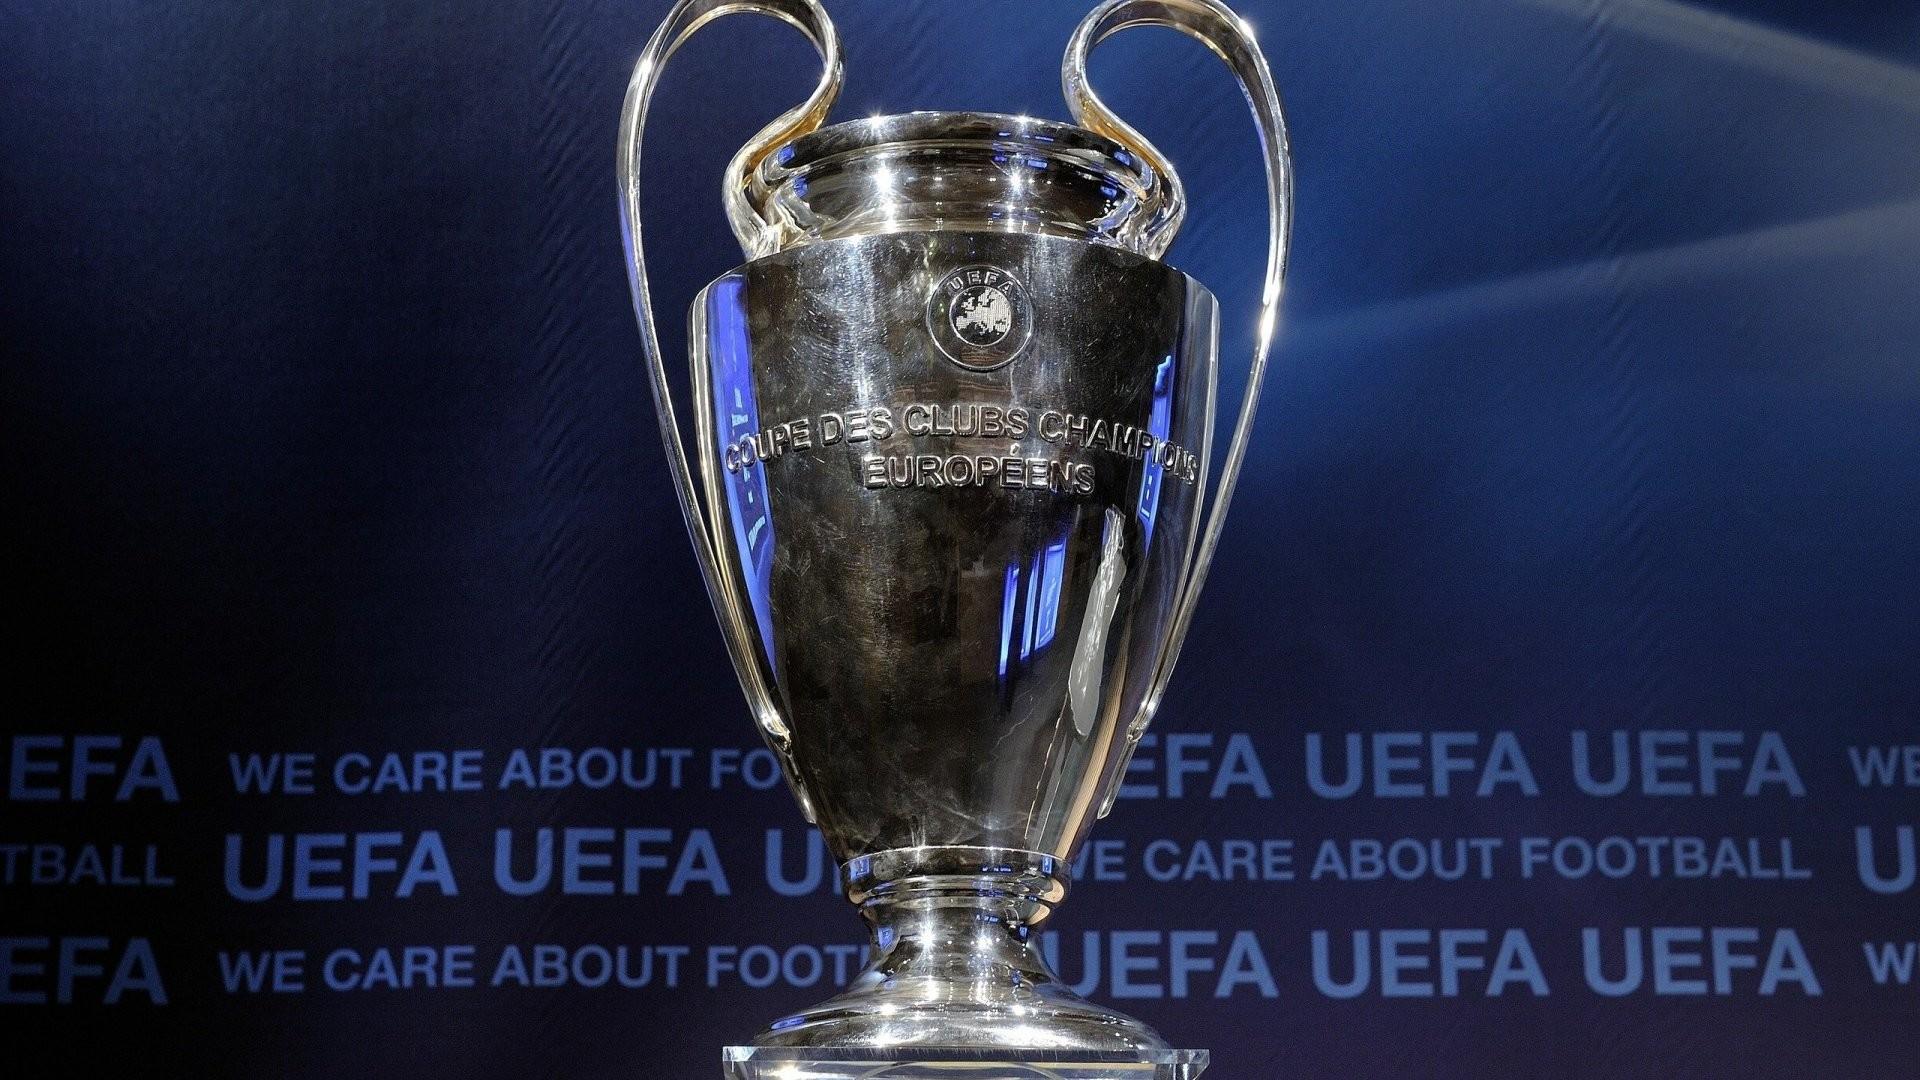 Res: 1920x1080, Uefa Champions League Trophy